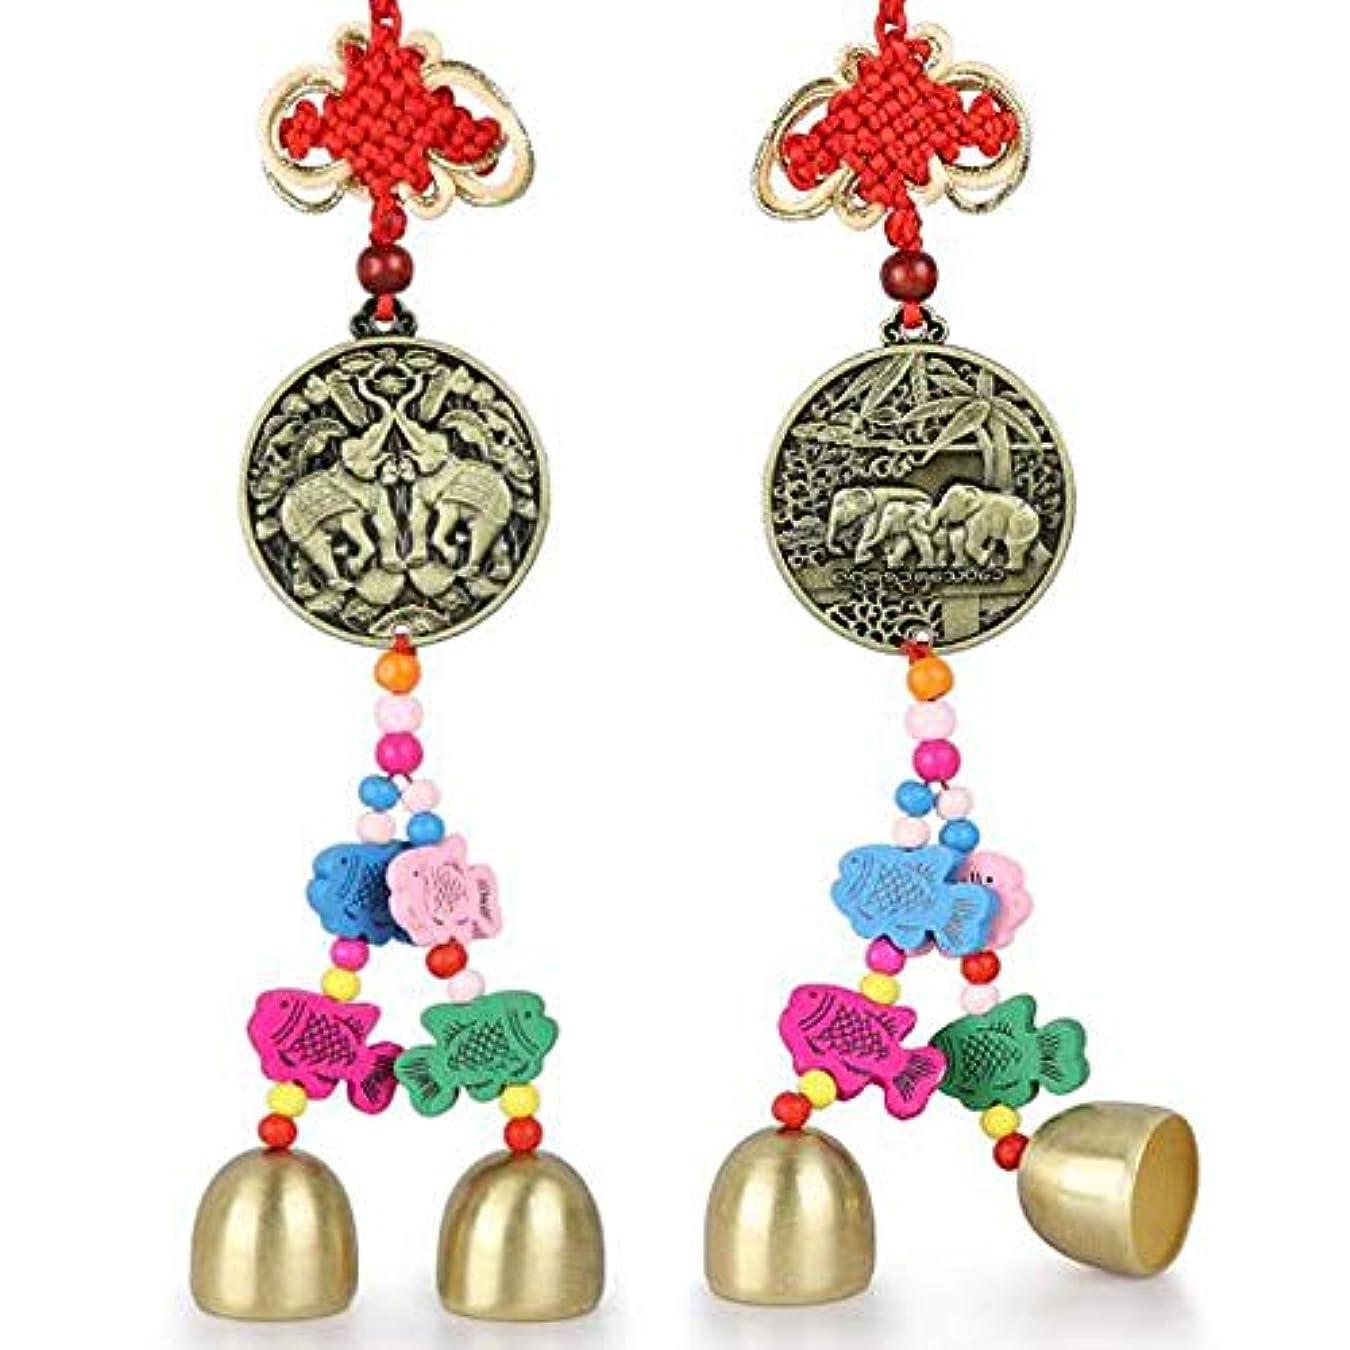 羊の服を着た狼応じる里親Jingfengtongxun 風チャイム、中国のノット銅鐘ホーム車の装飾、ゴールド、全長約31センチメートル,スタイリッシュなホリデーギフト (Color : B)